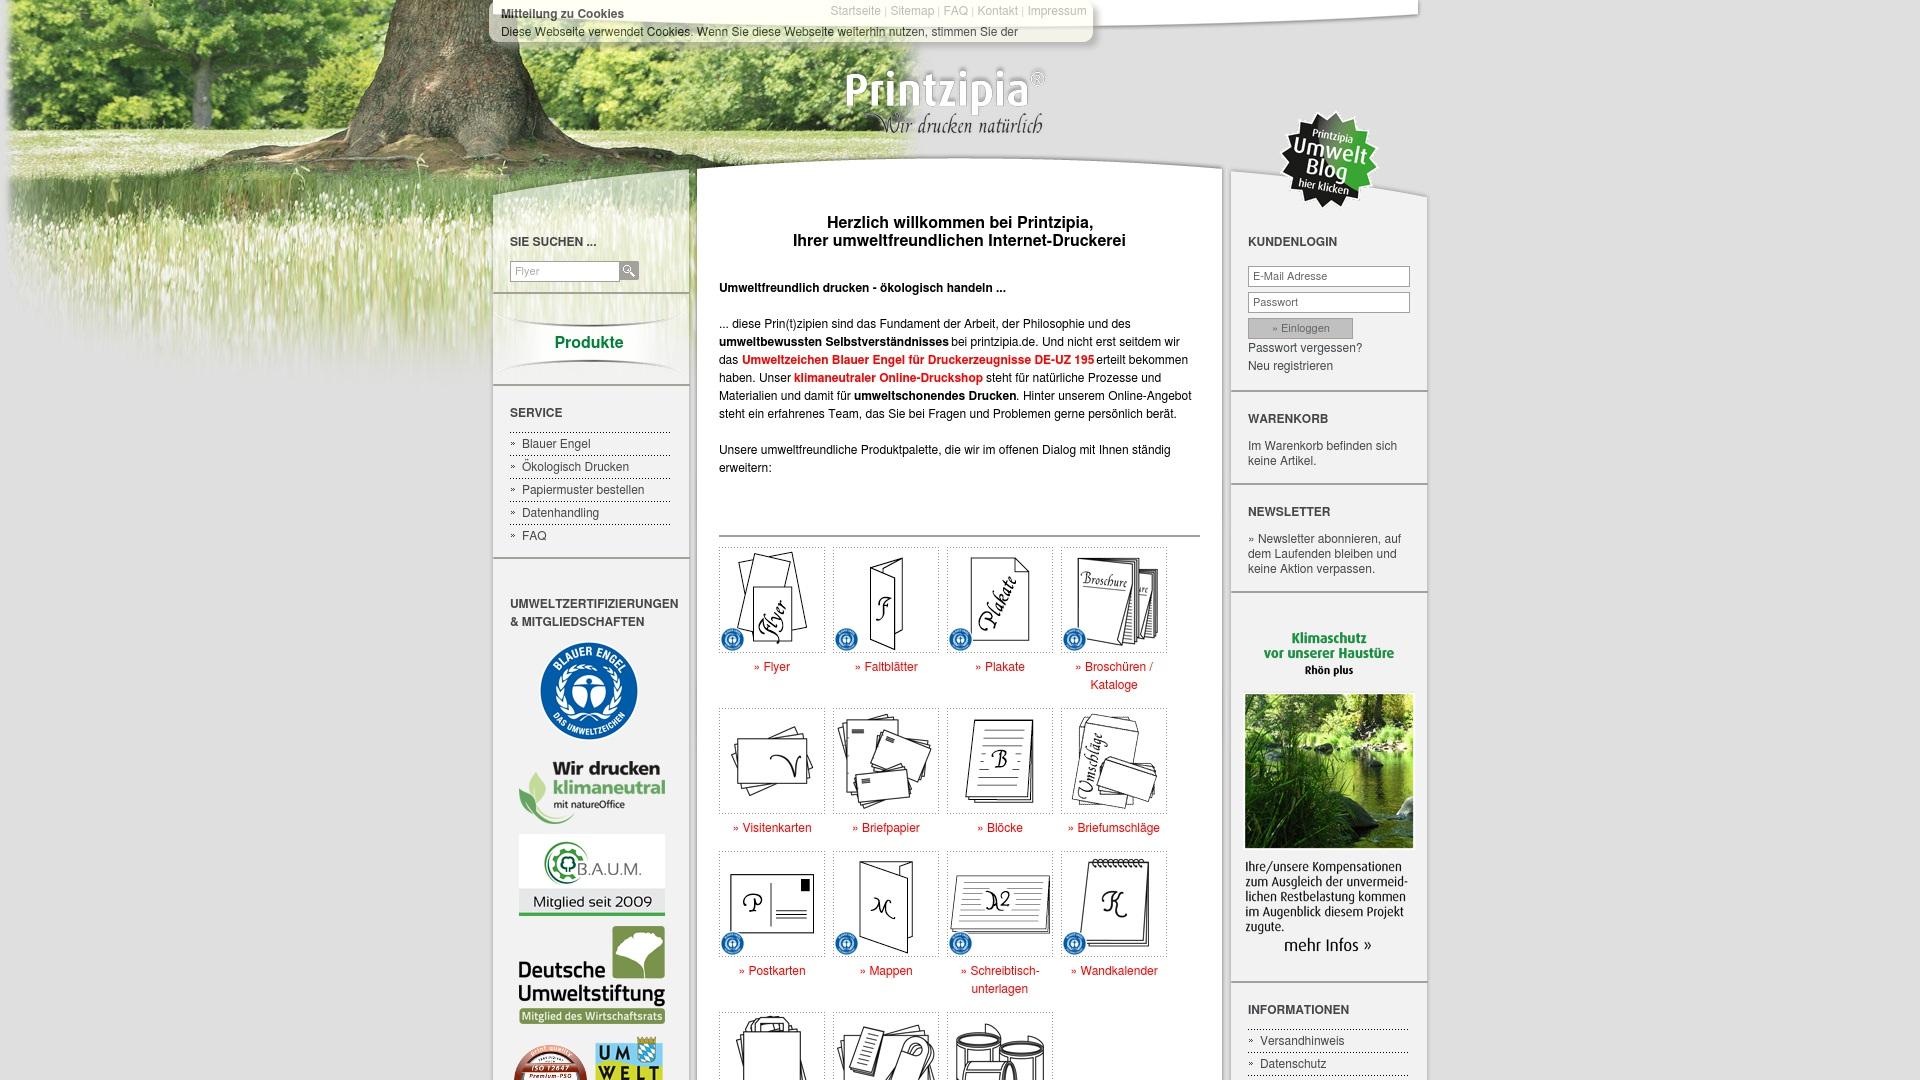 Gutschein für Printzipia: Rabatte für Printzipia sichern